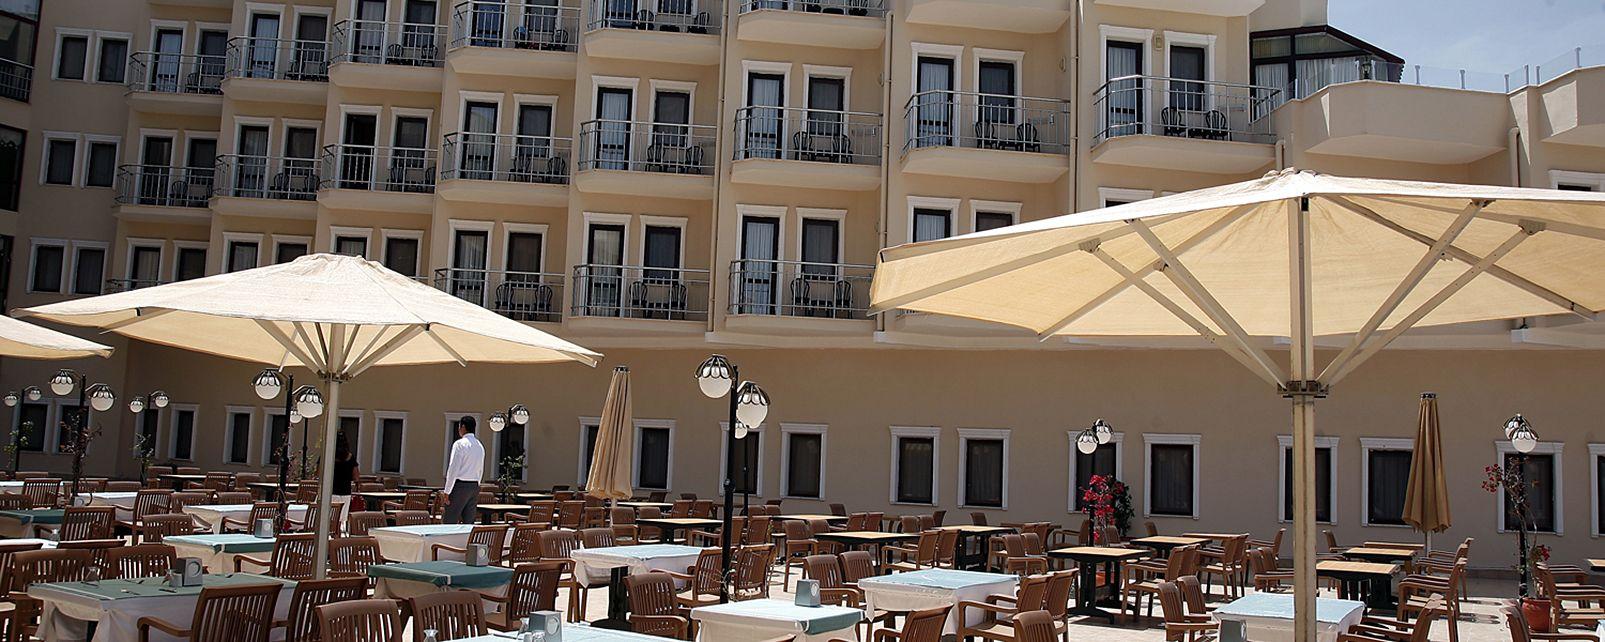 Hôtel Golden Age Hotel